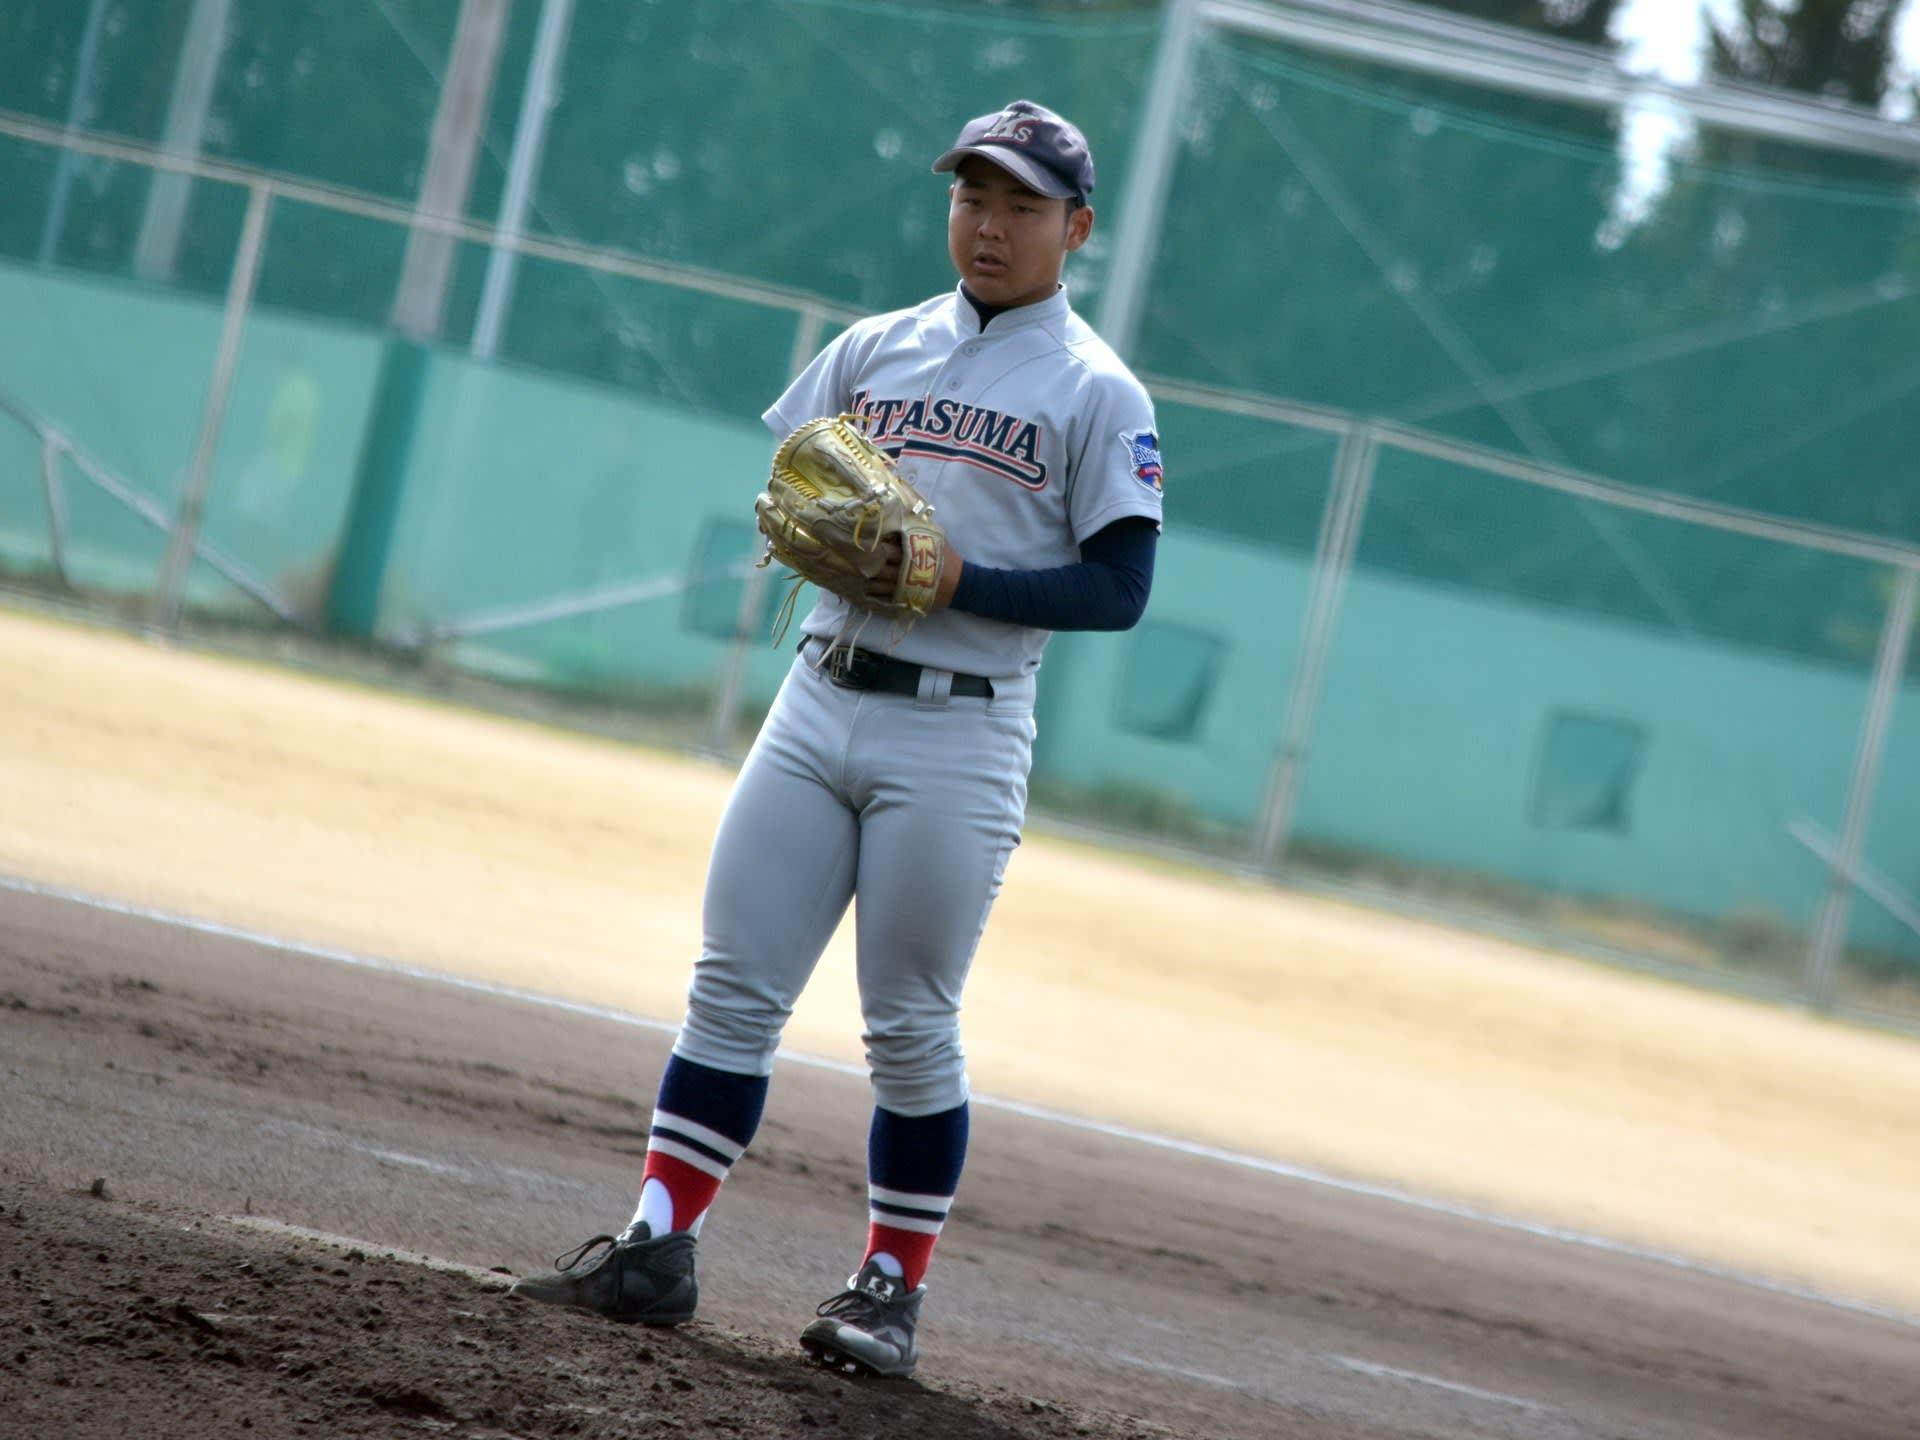 2018年 春季高校野球 兵庫地区予選 神戸地区dブロック2回戦 北